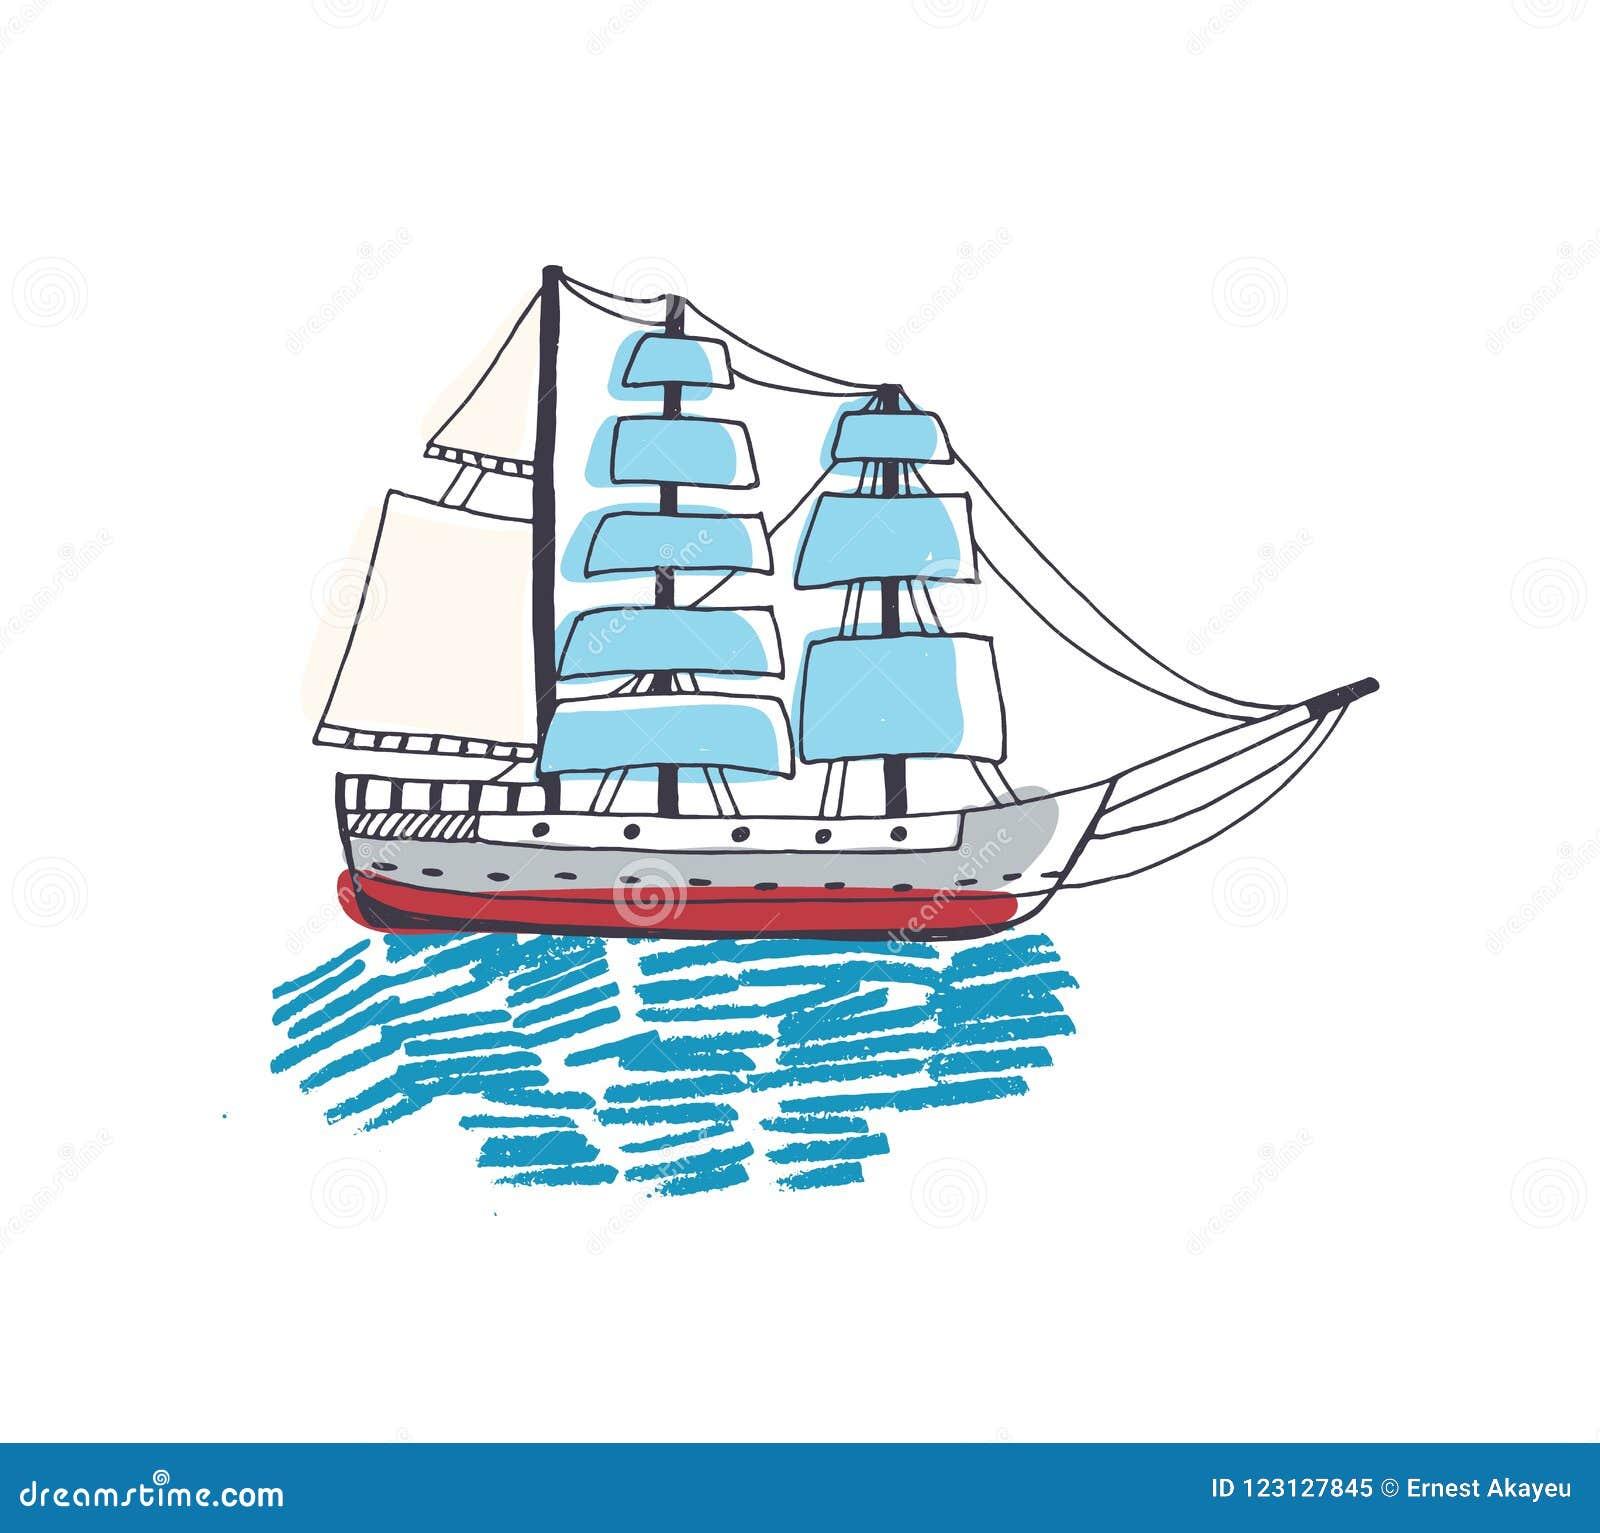 Dessin De Bateau De Bateau A Voile De Fregate Ou De Caravelle Magnifique Avec La Voile Dans L Ocean Beau Voilier Dans Le Voyage Illustration De Vecteur Illustration Du Magnifique Fregate 123127845